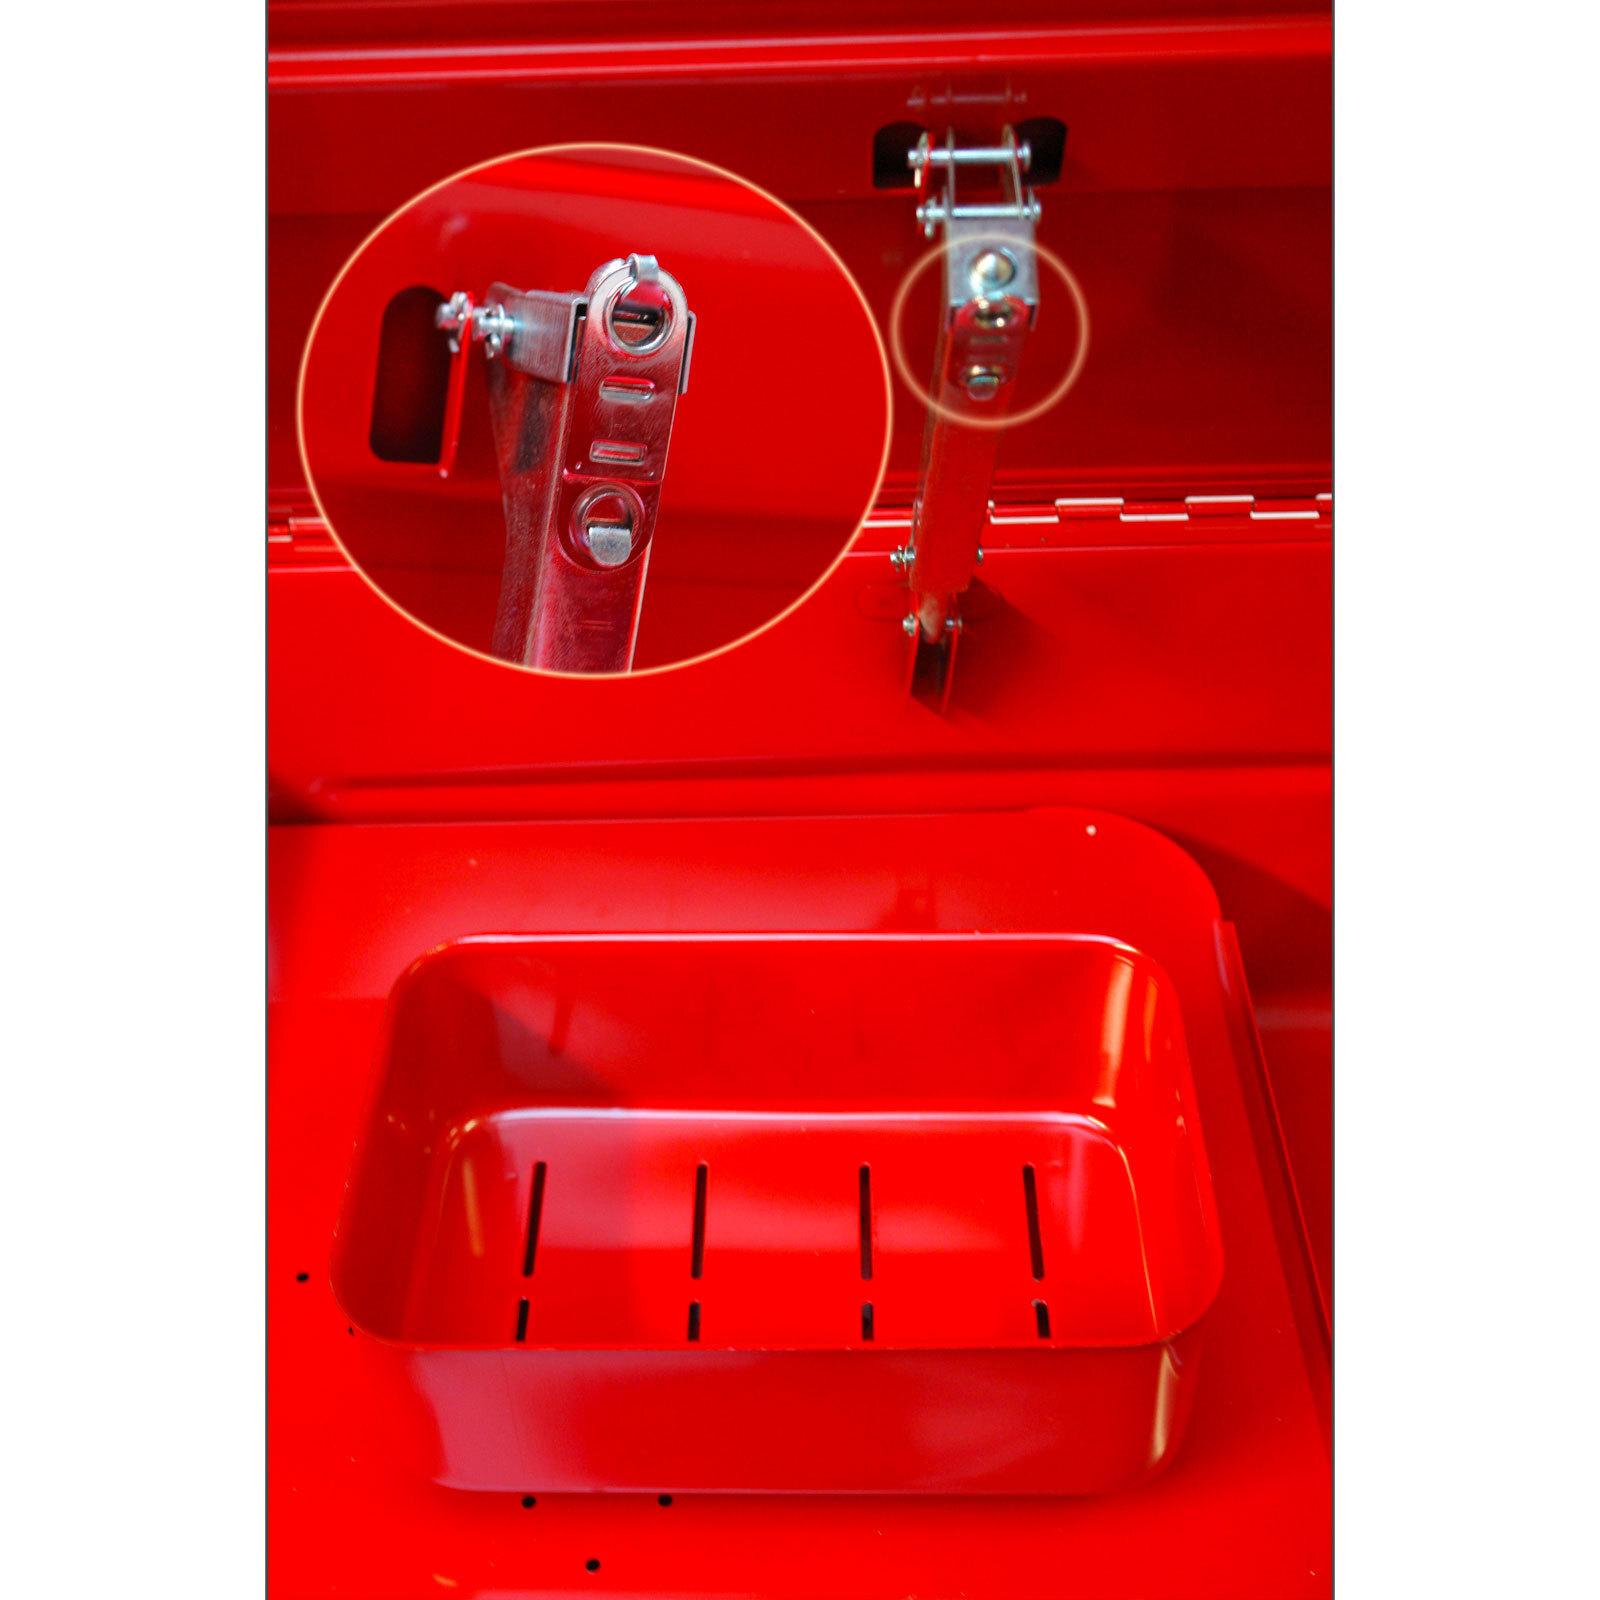 teilewaschger t teilereiniger teilewascher teile waschger t waschmaschine 80 l ebay. Black Bedroom Furniture Sets. Home Design Ideas